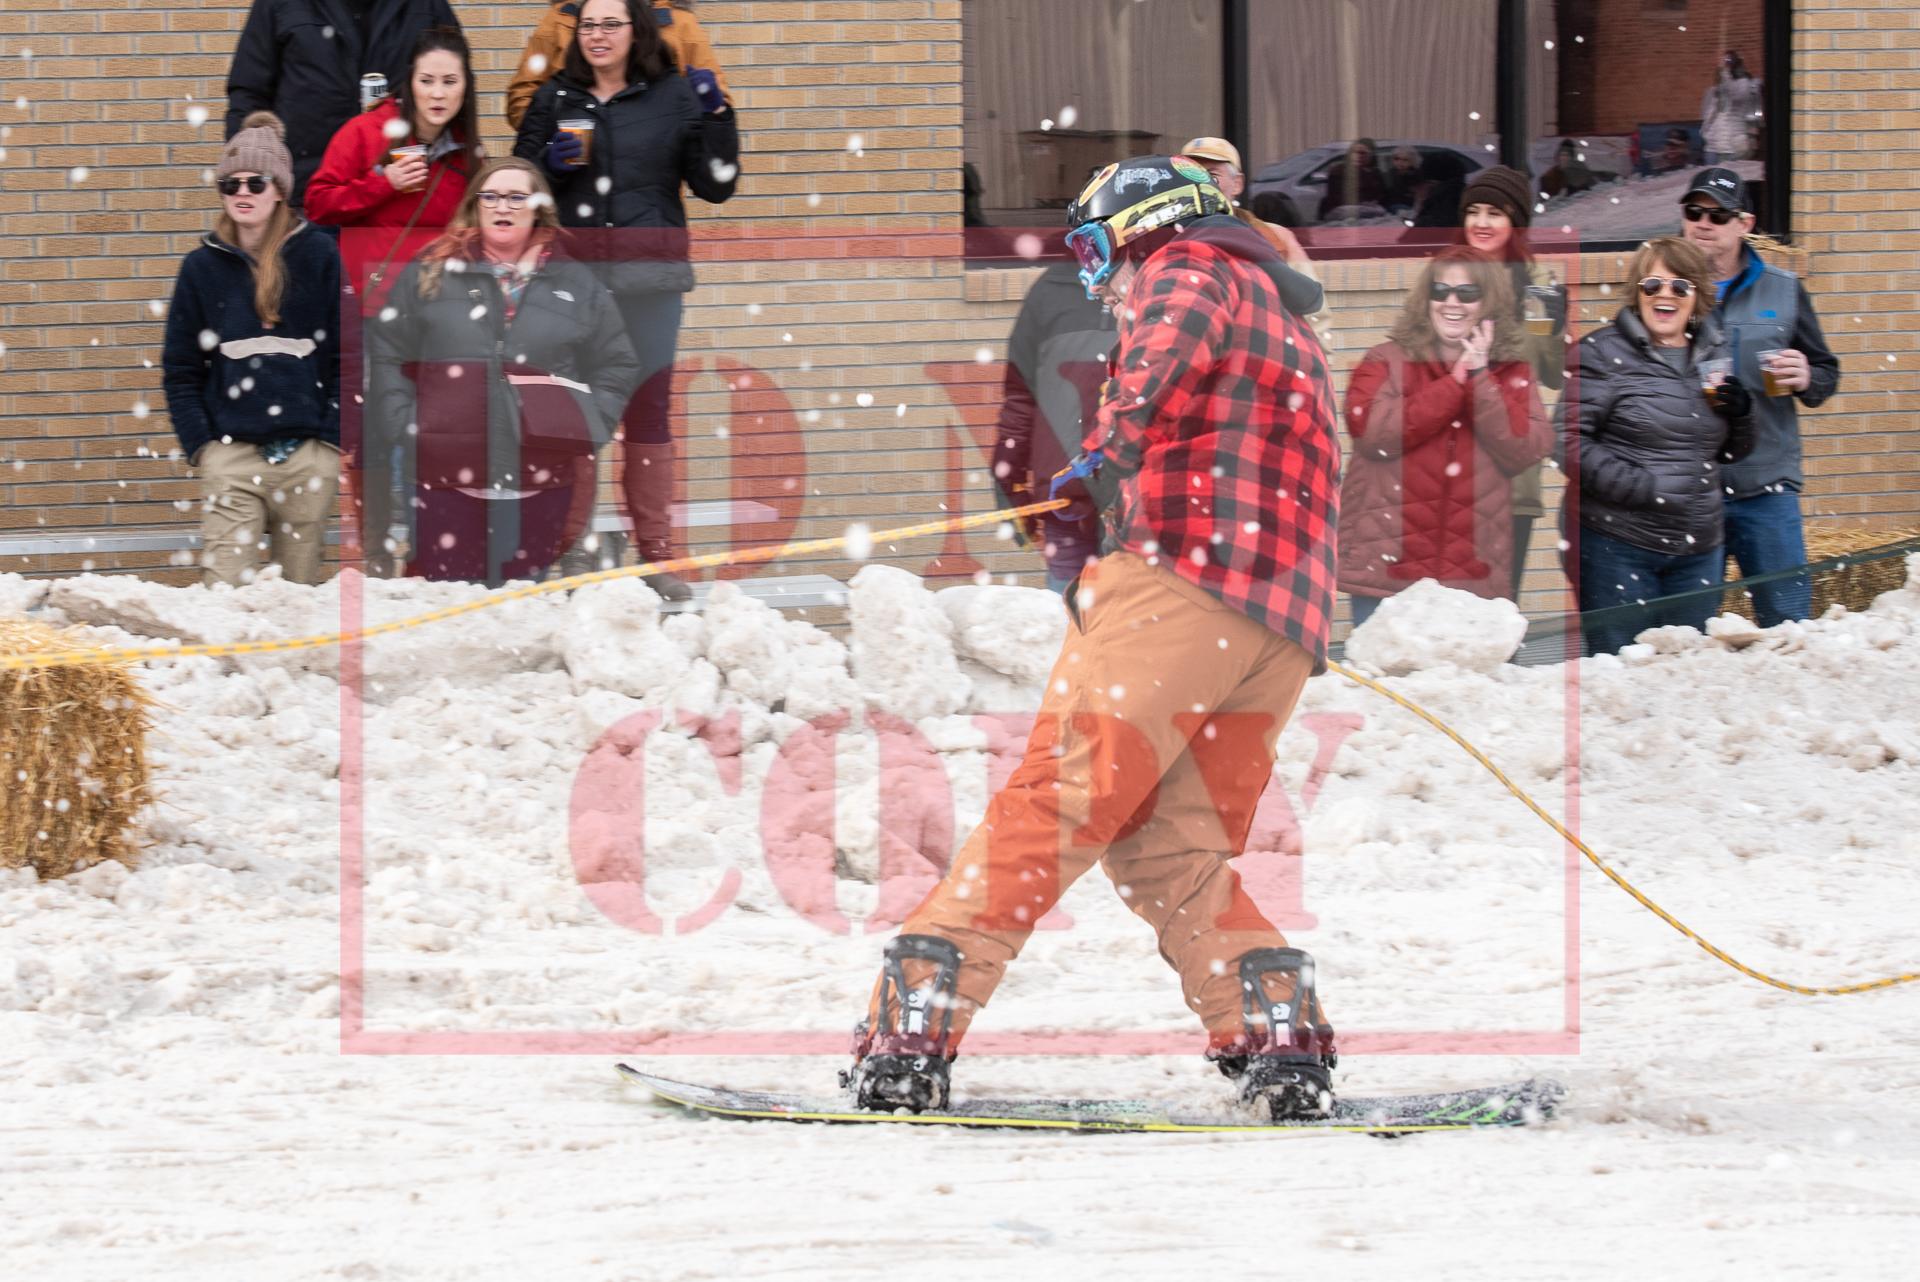 - Zane Huntley - Snowboard 13